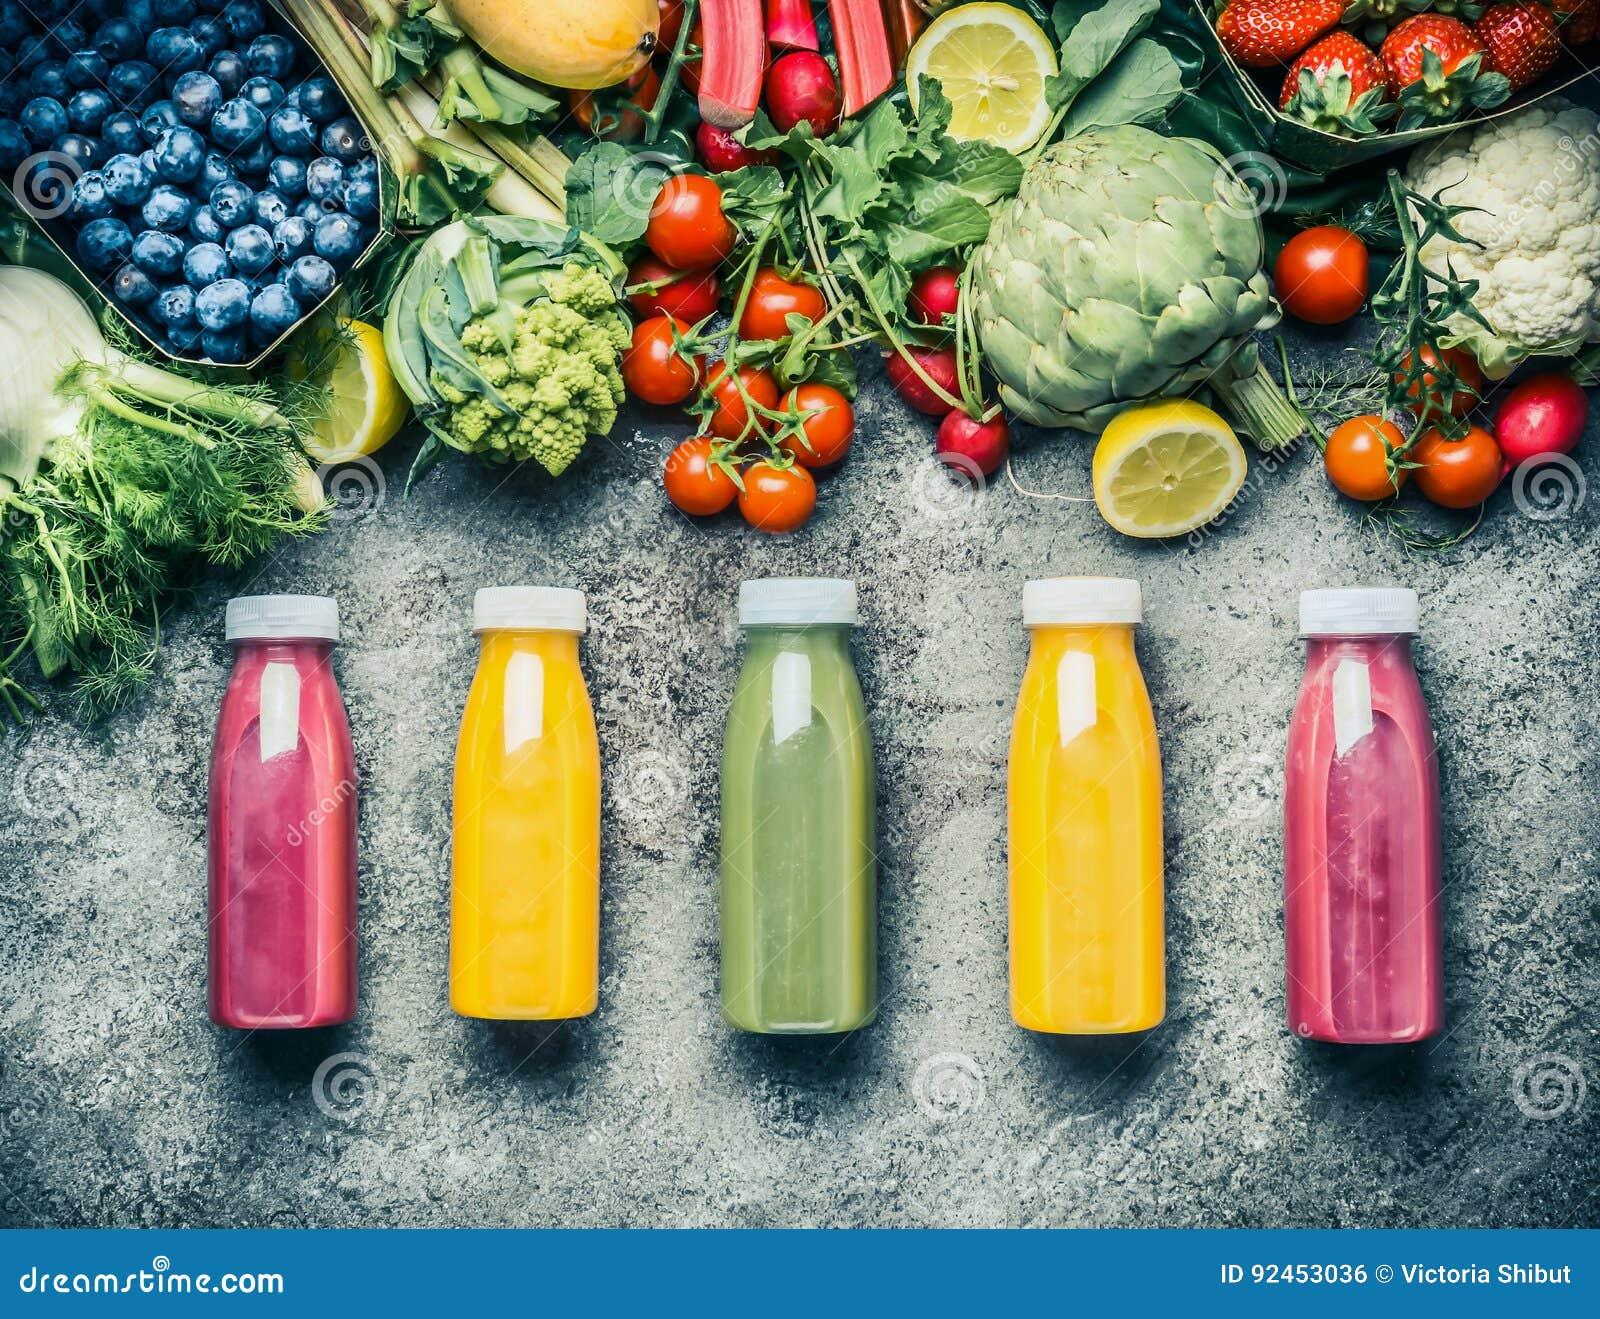 五颜六色的圆滑的人或汁液品种装瓶与各种各样的新鲜的成份的饮料饮料:水果、莓果和蔬菜